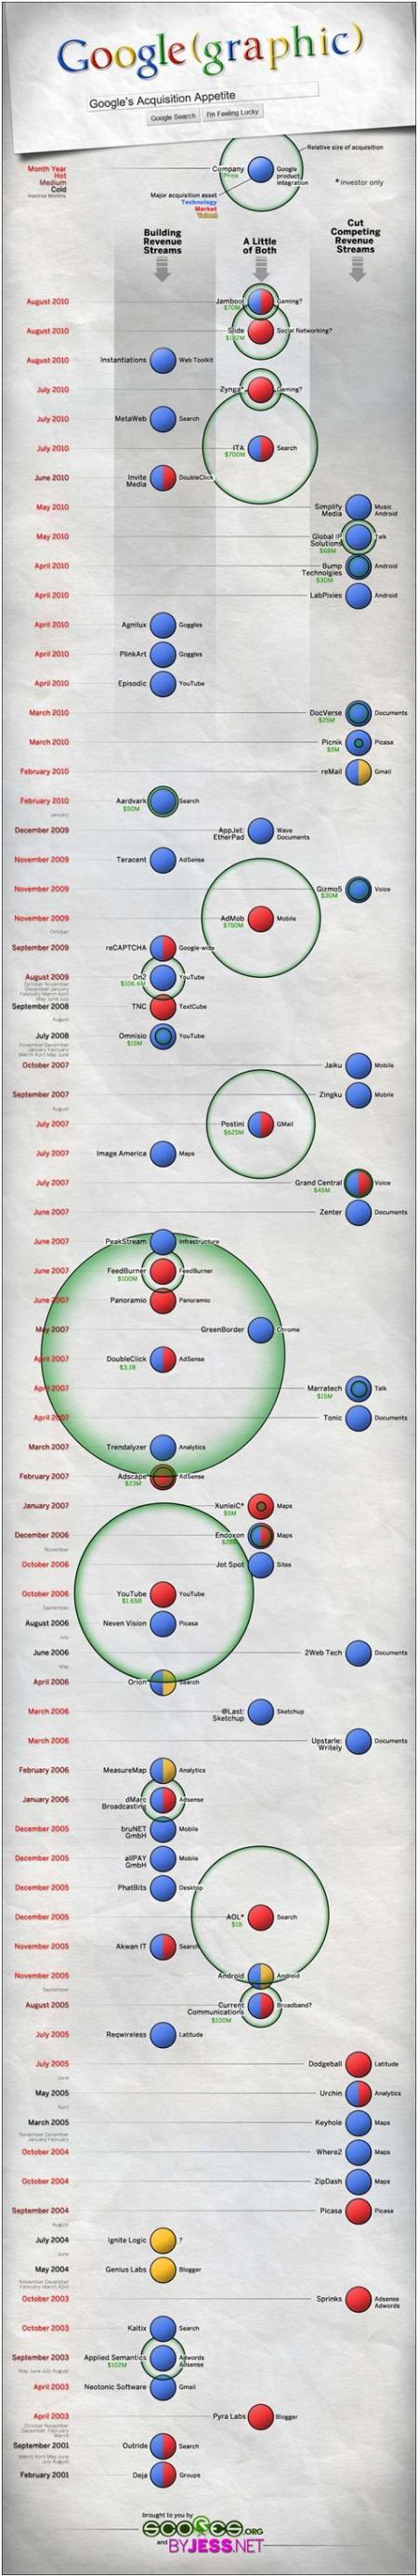 Infografía adquisiciones Google y sus objetivos en un cronograma